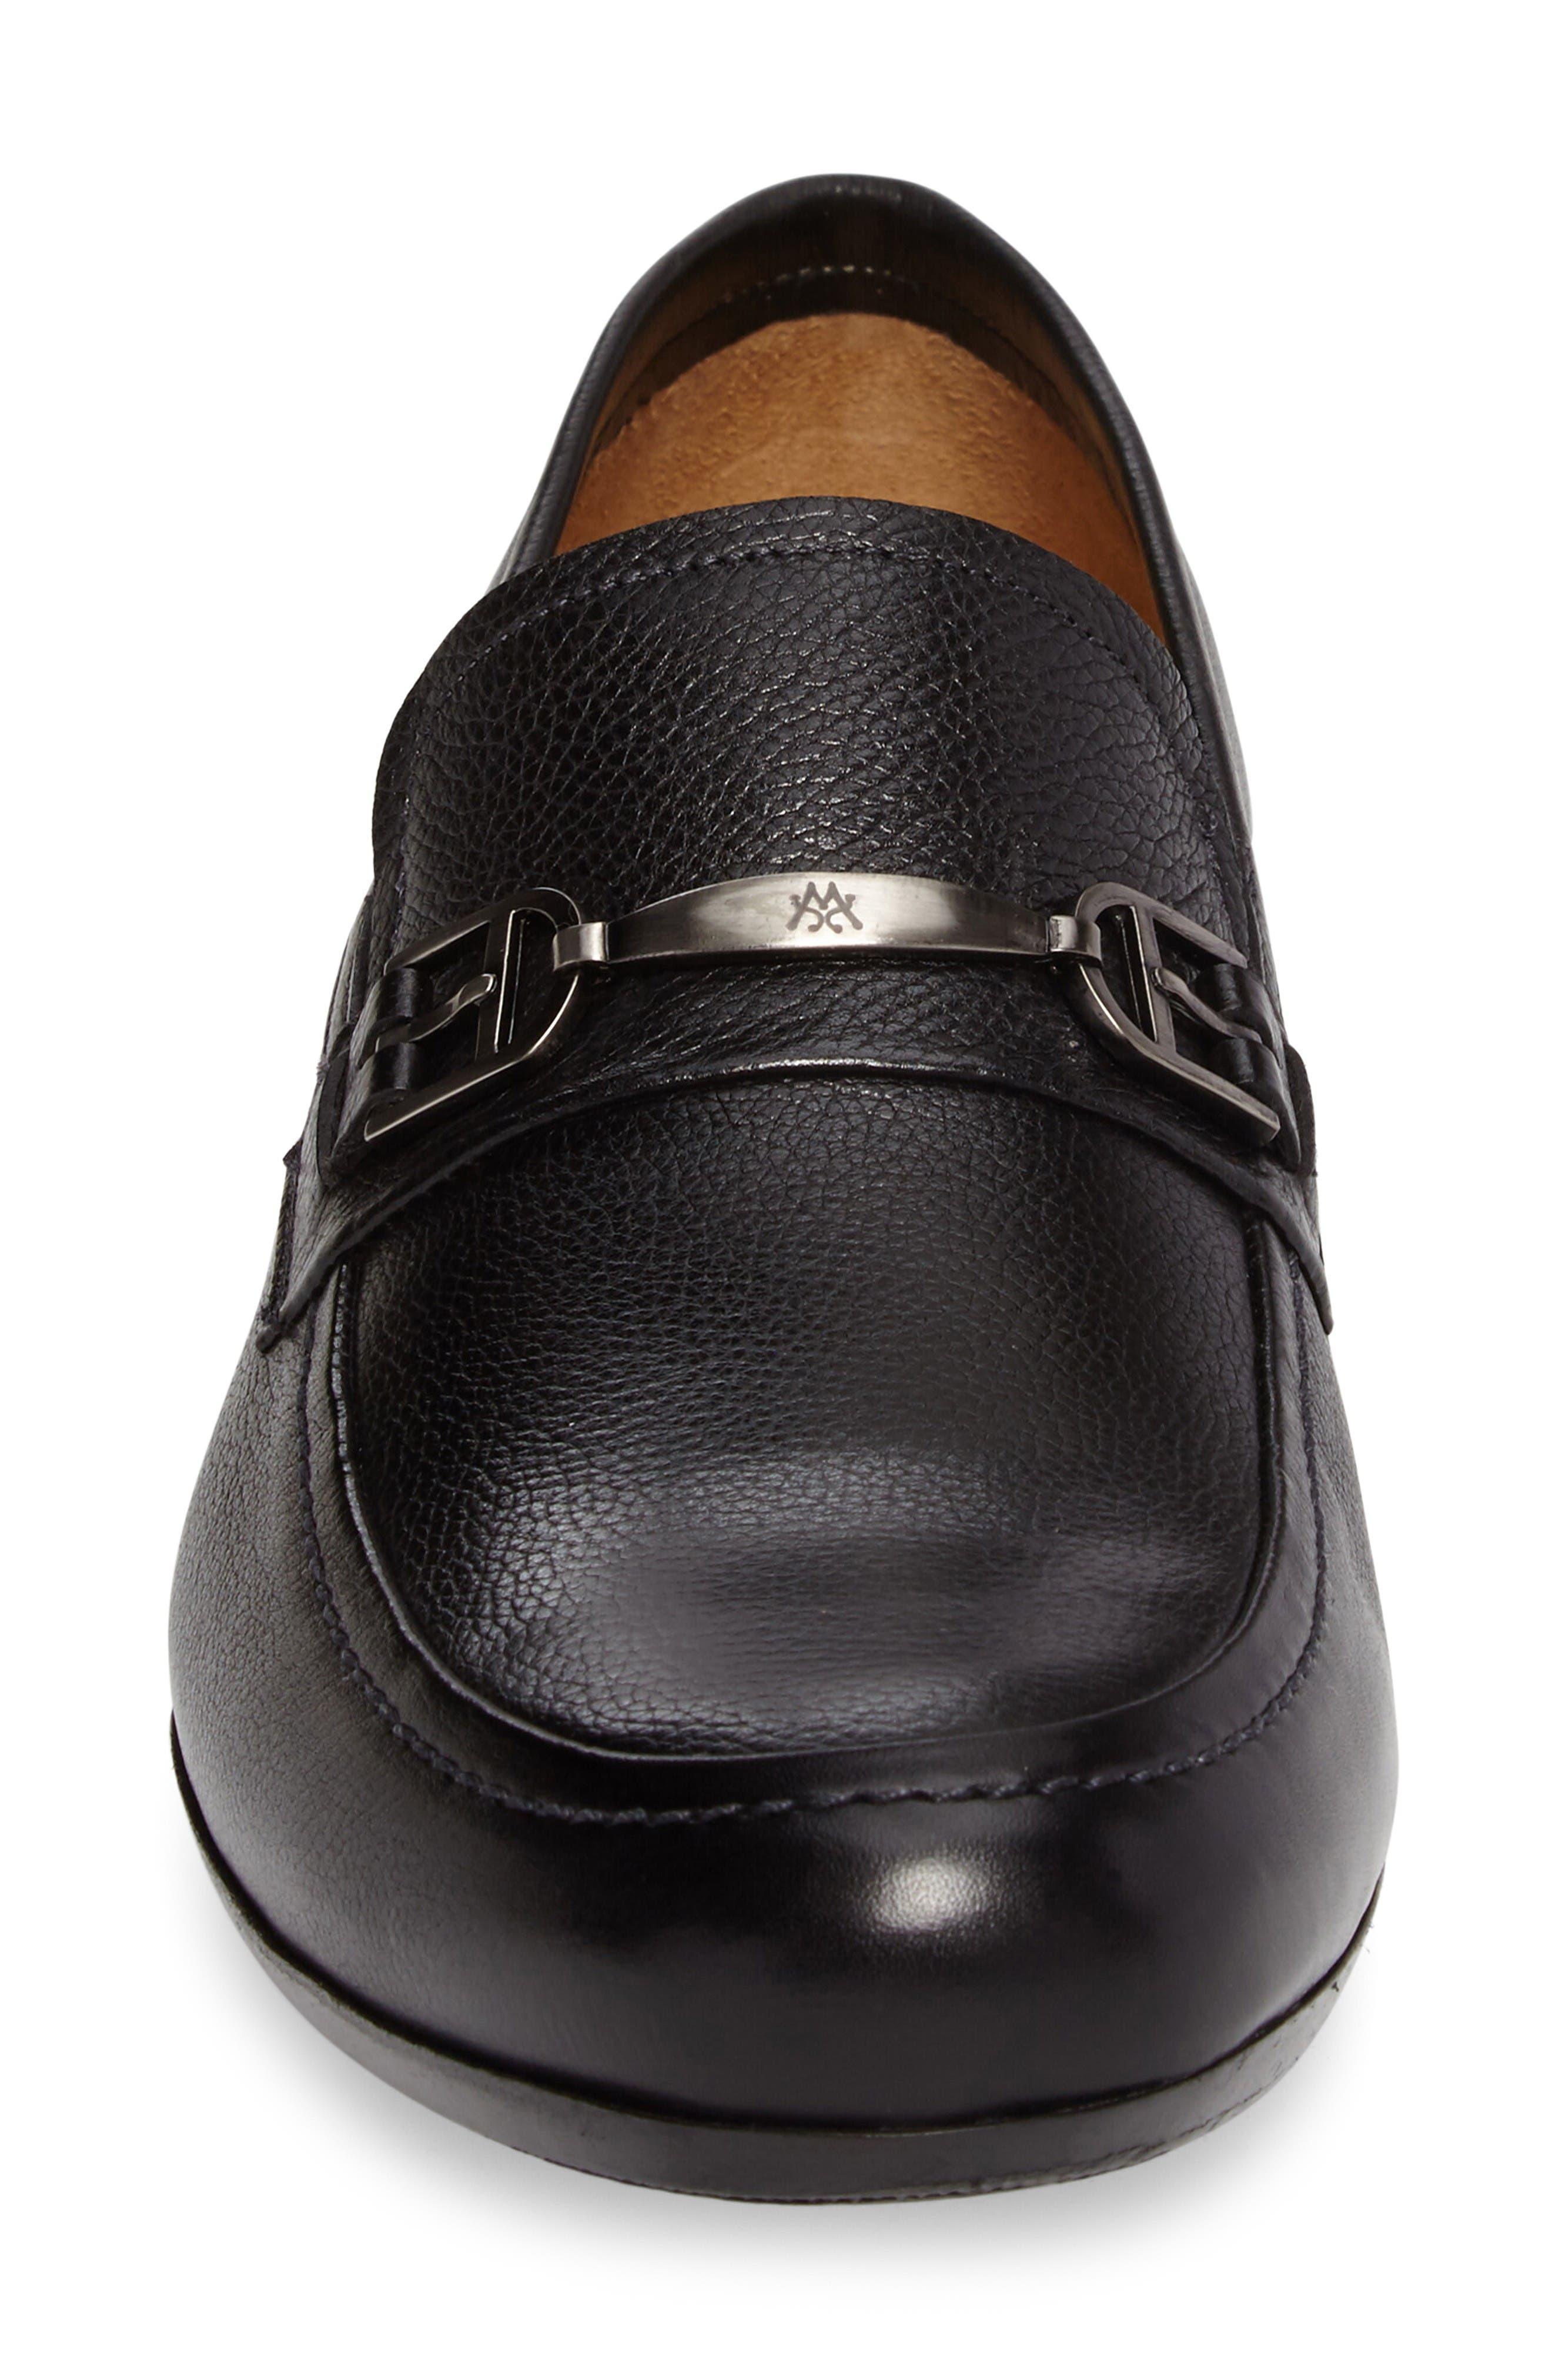 Binet Bit Loafer,                             Alternate thumbnail 4, color,                             Black Leather